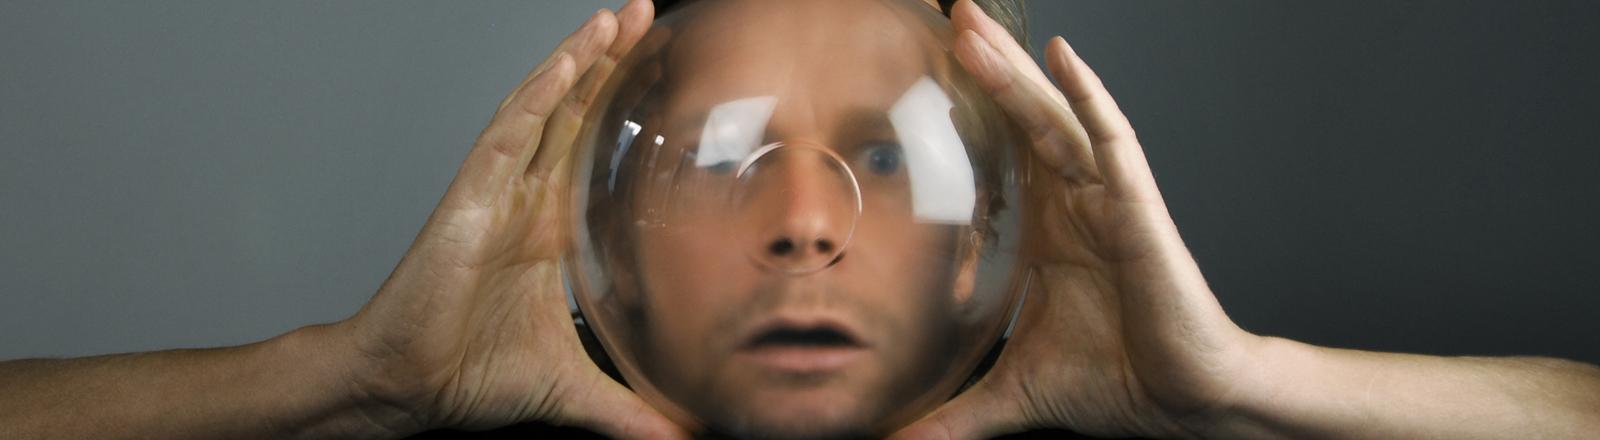 Ein Mann hält sich eine Glasschüssel vor das Gesicht